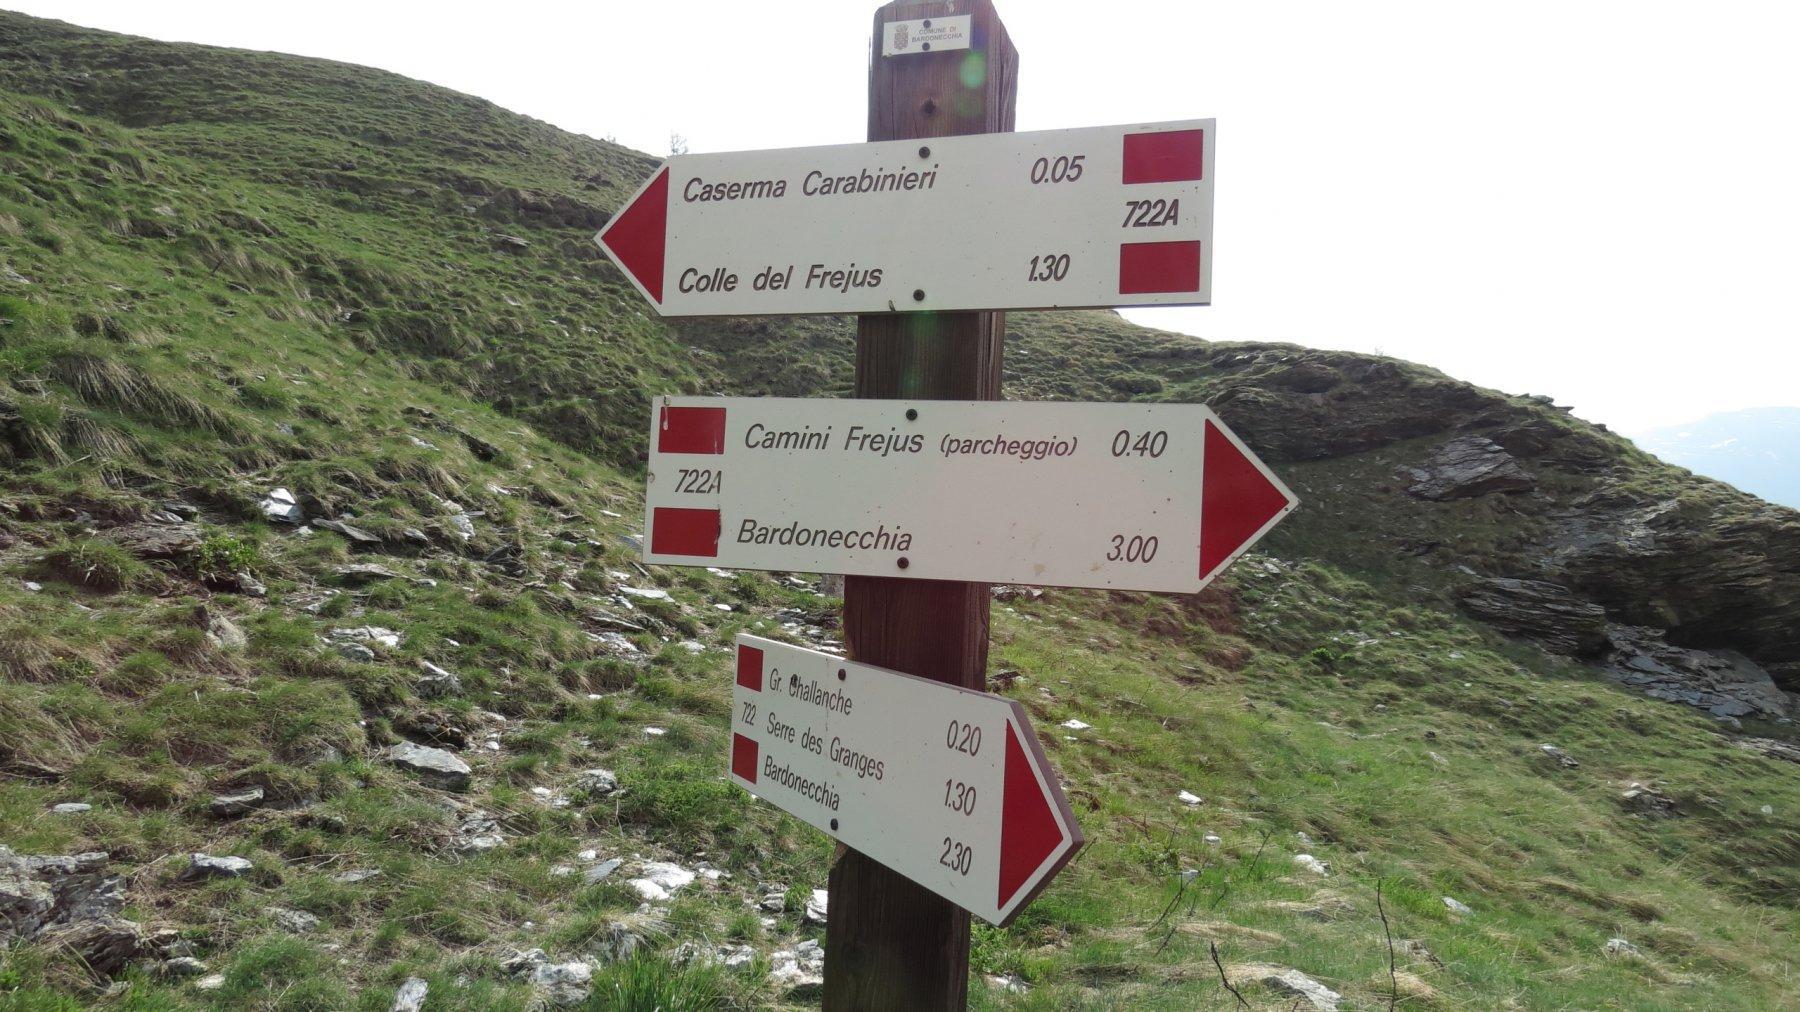 cartelli indicatori nei pressi dell'ex-caserma dei carabinieri nel Vallone del Frejus